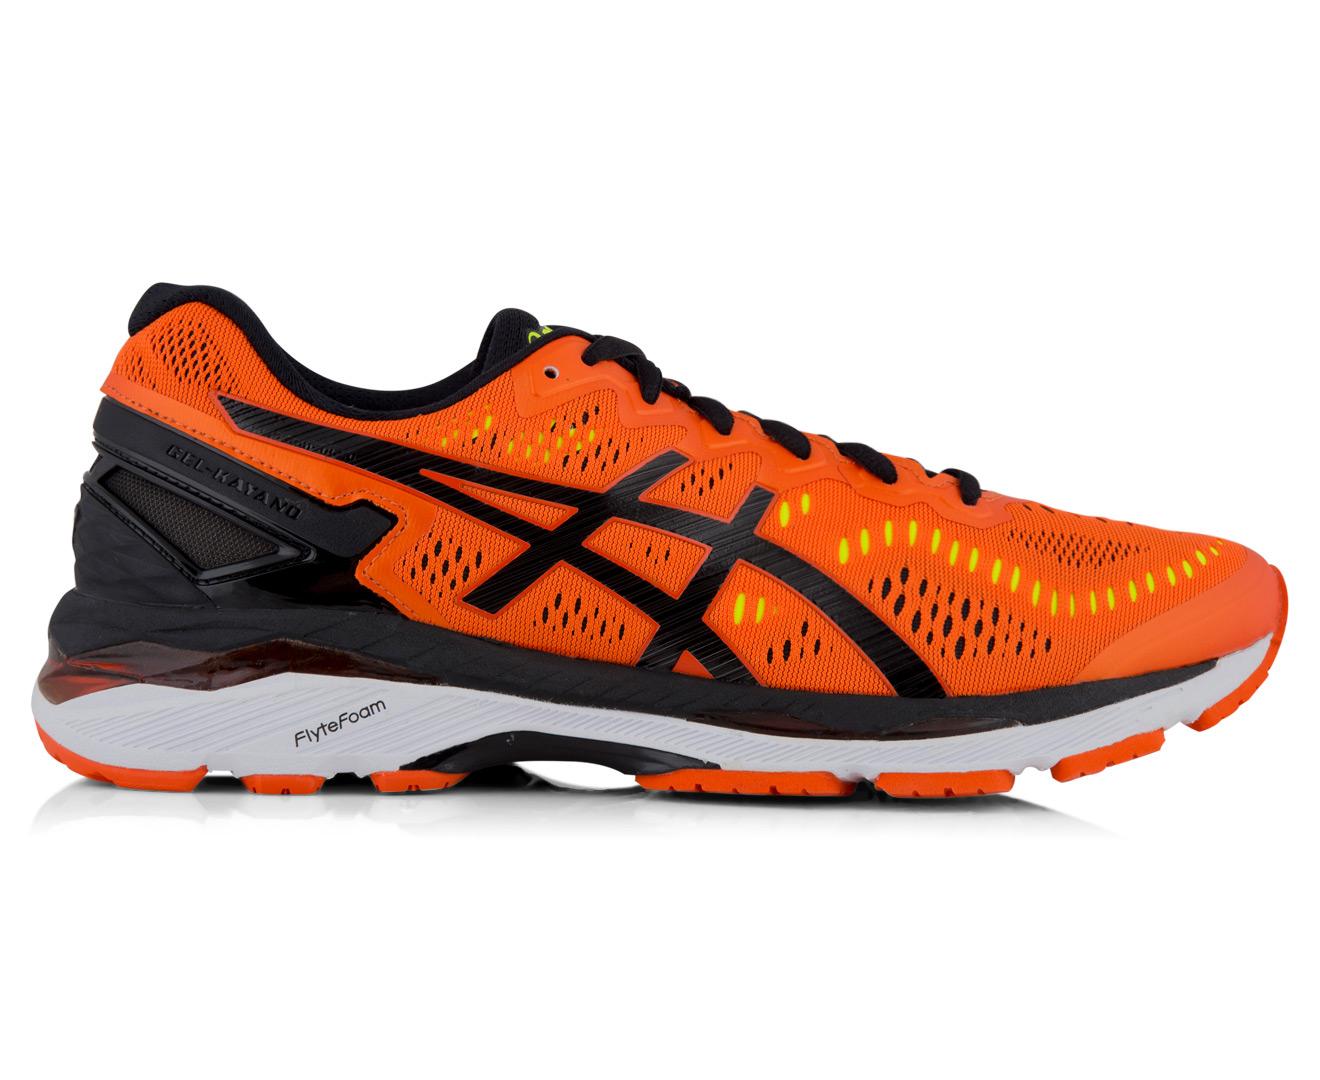 in stock 24518 e3121 ASICS Men's GEL-Kayano 23 Shoe - Flame Orange/Black/Safety Yellow